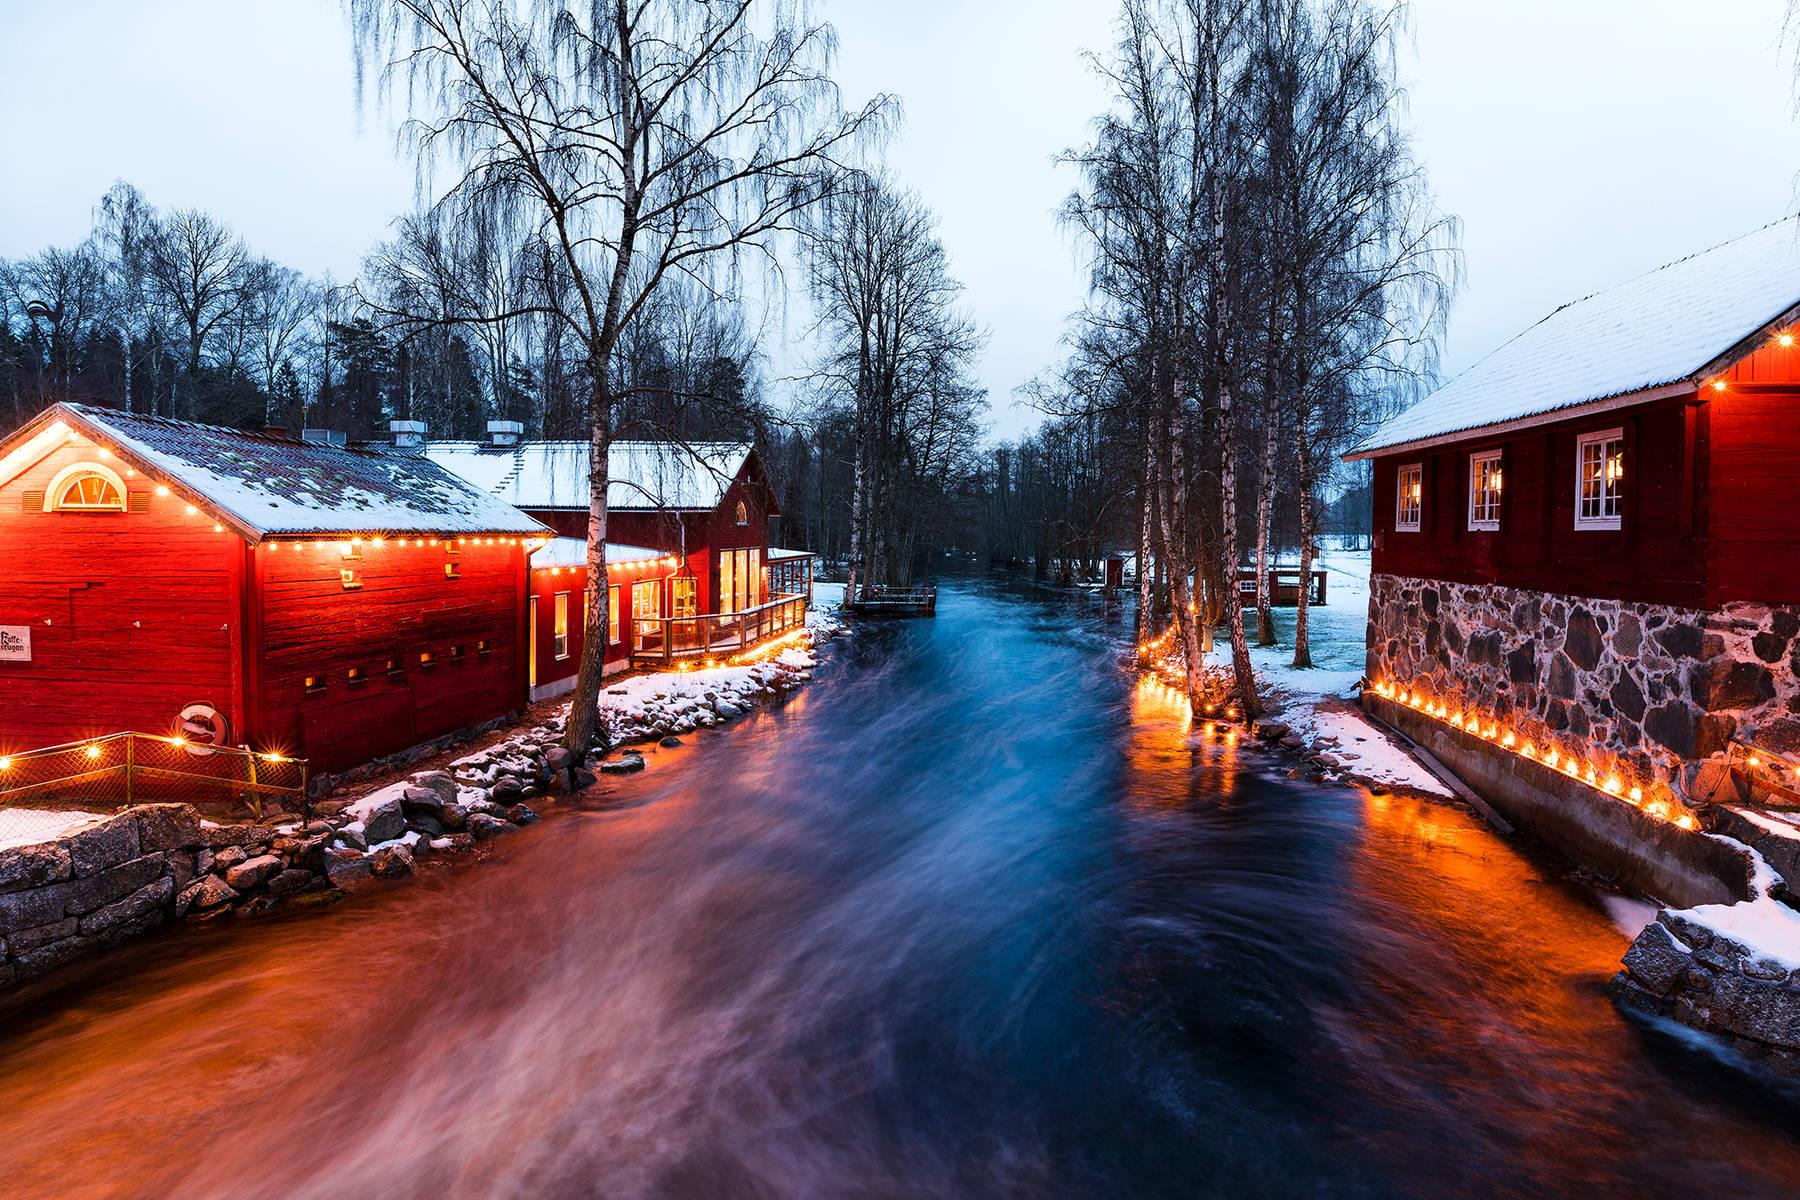 Weihnachtlich beleuchtet: das Handwerkerdorf Korrö am Fluss Ronnebyån in Småland